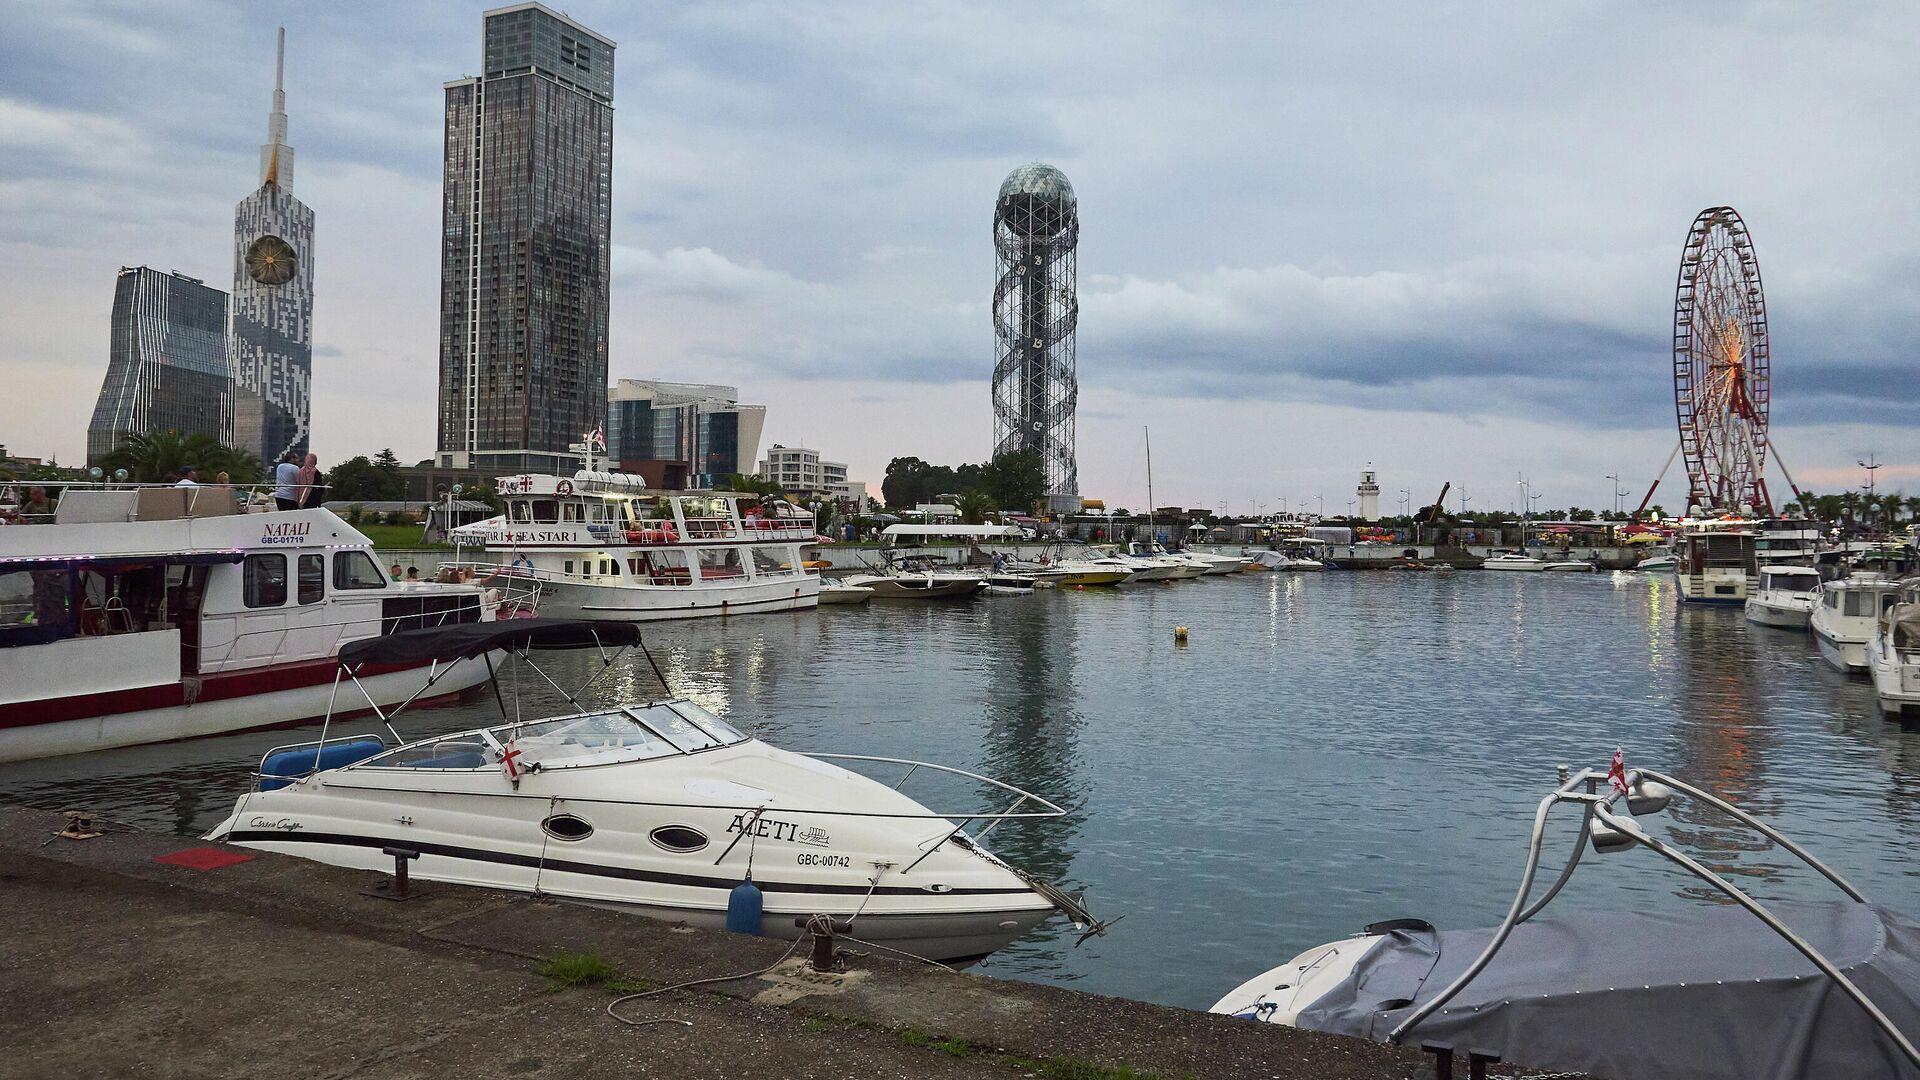 Город Батуми в пасмурную погоду - прогулочные катера и яхты у причала - Sputnik Грузия, 1920, 19.09.2021